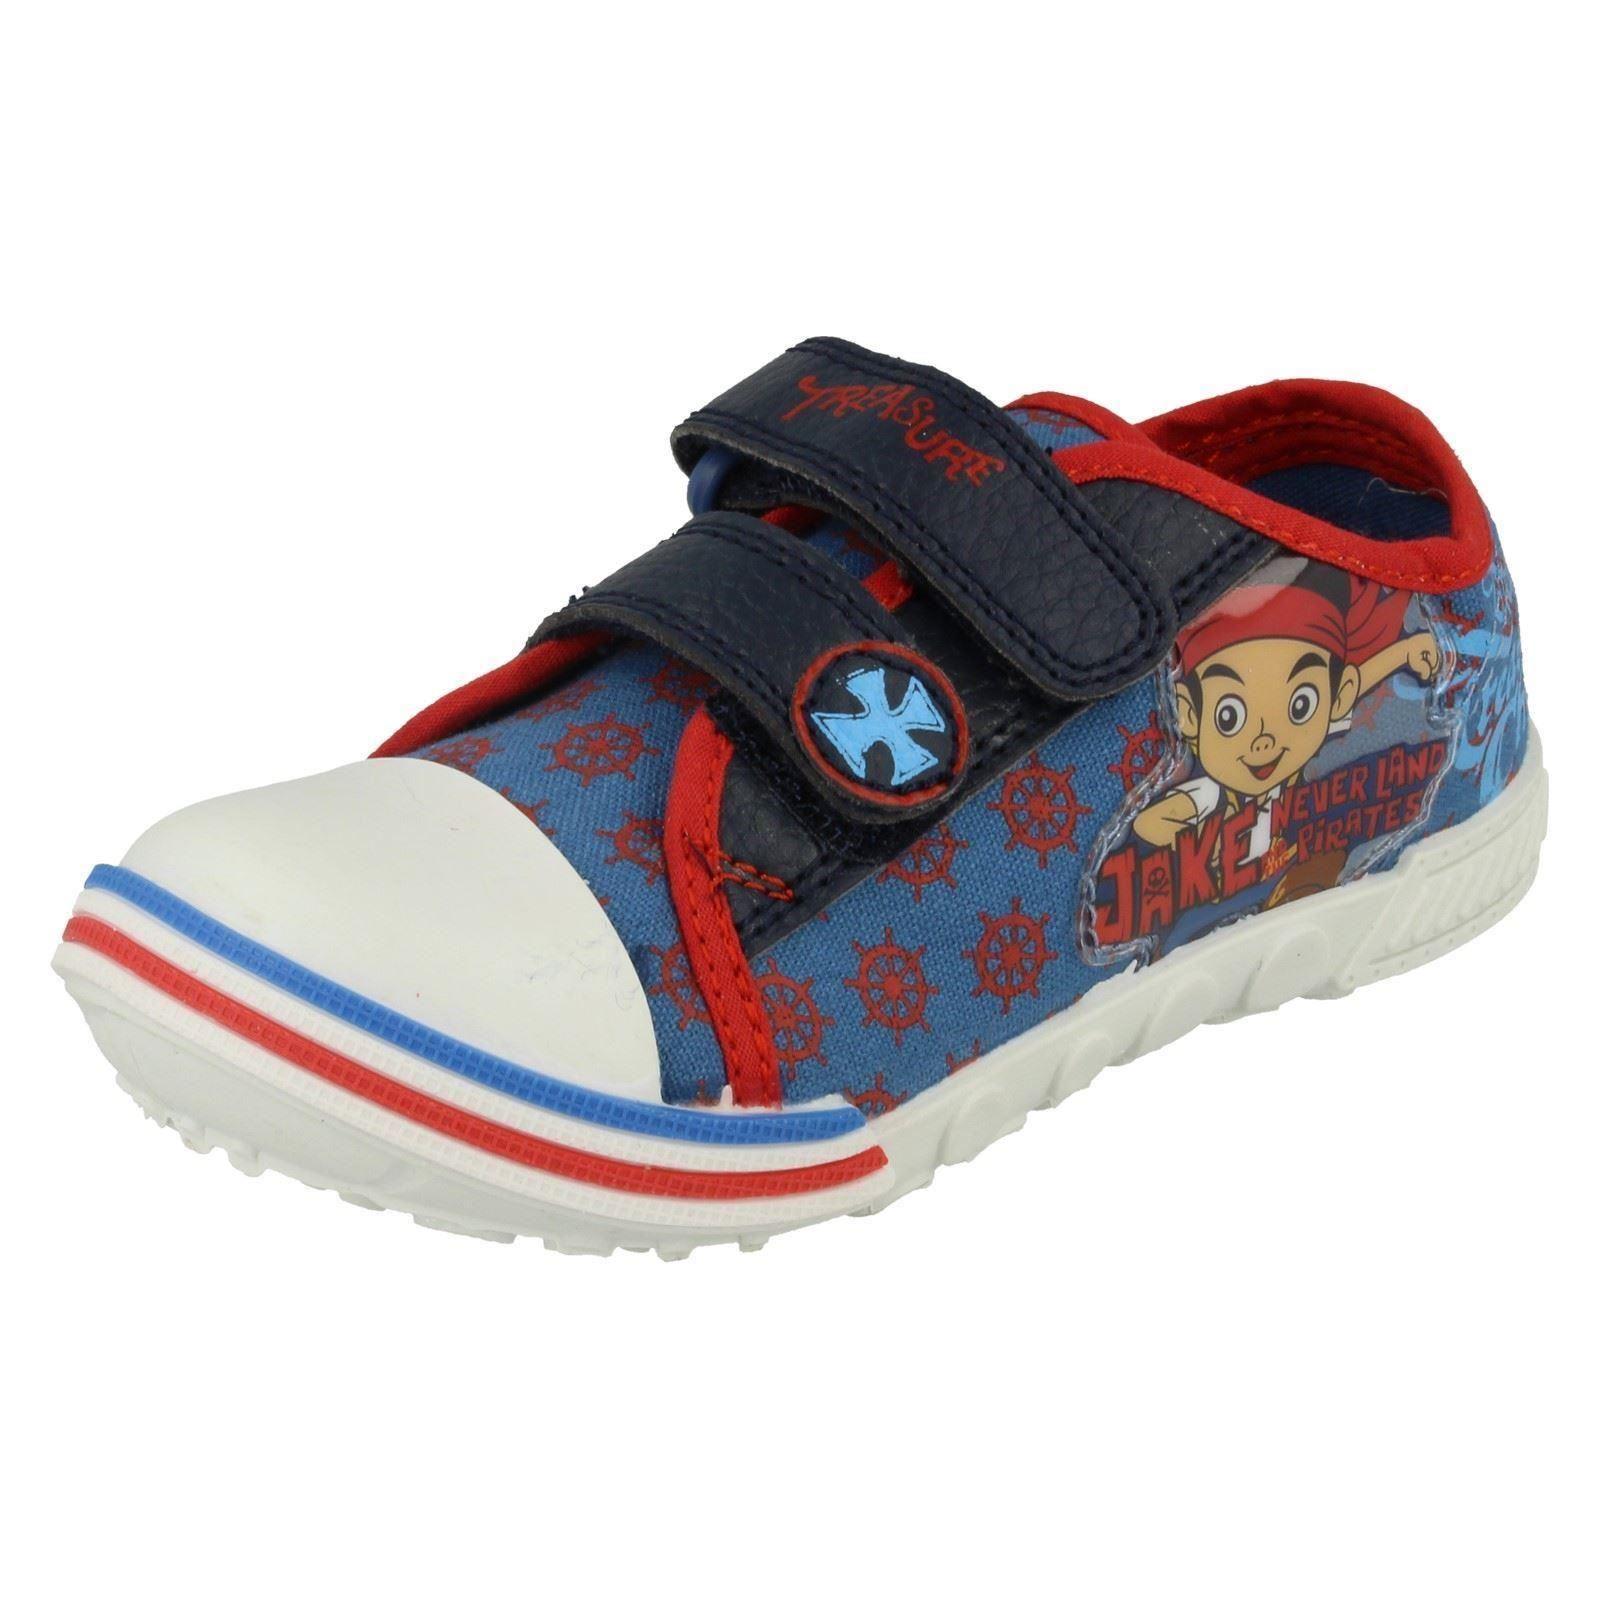 Chicos Disney Jake Y Los Nunca Land Pirates Tesoro Zapato De Lona